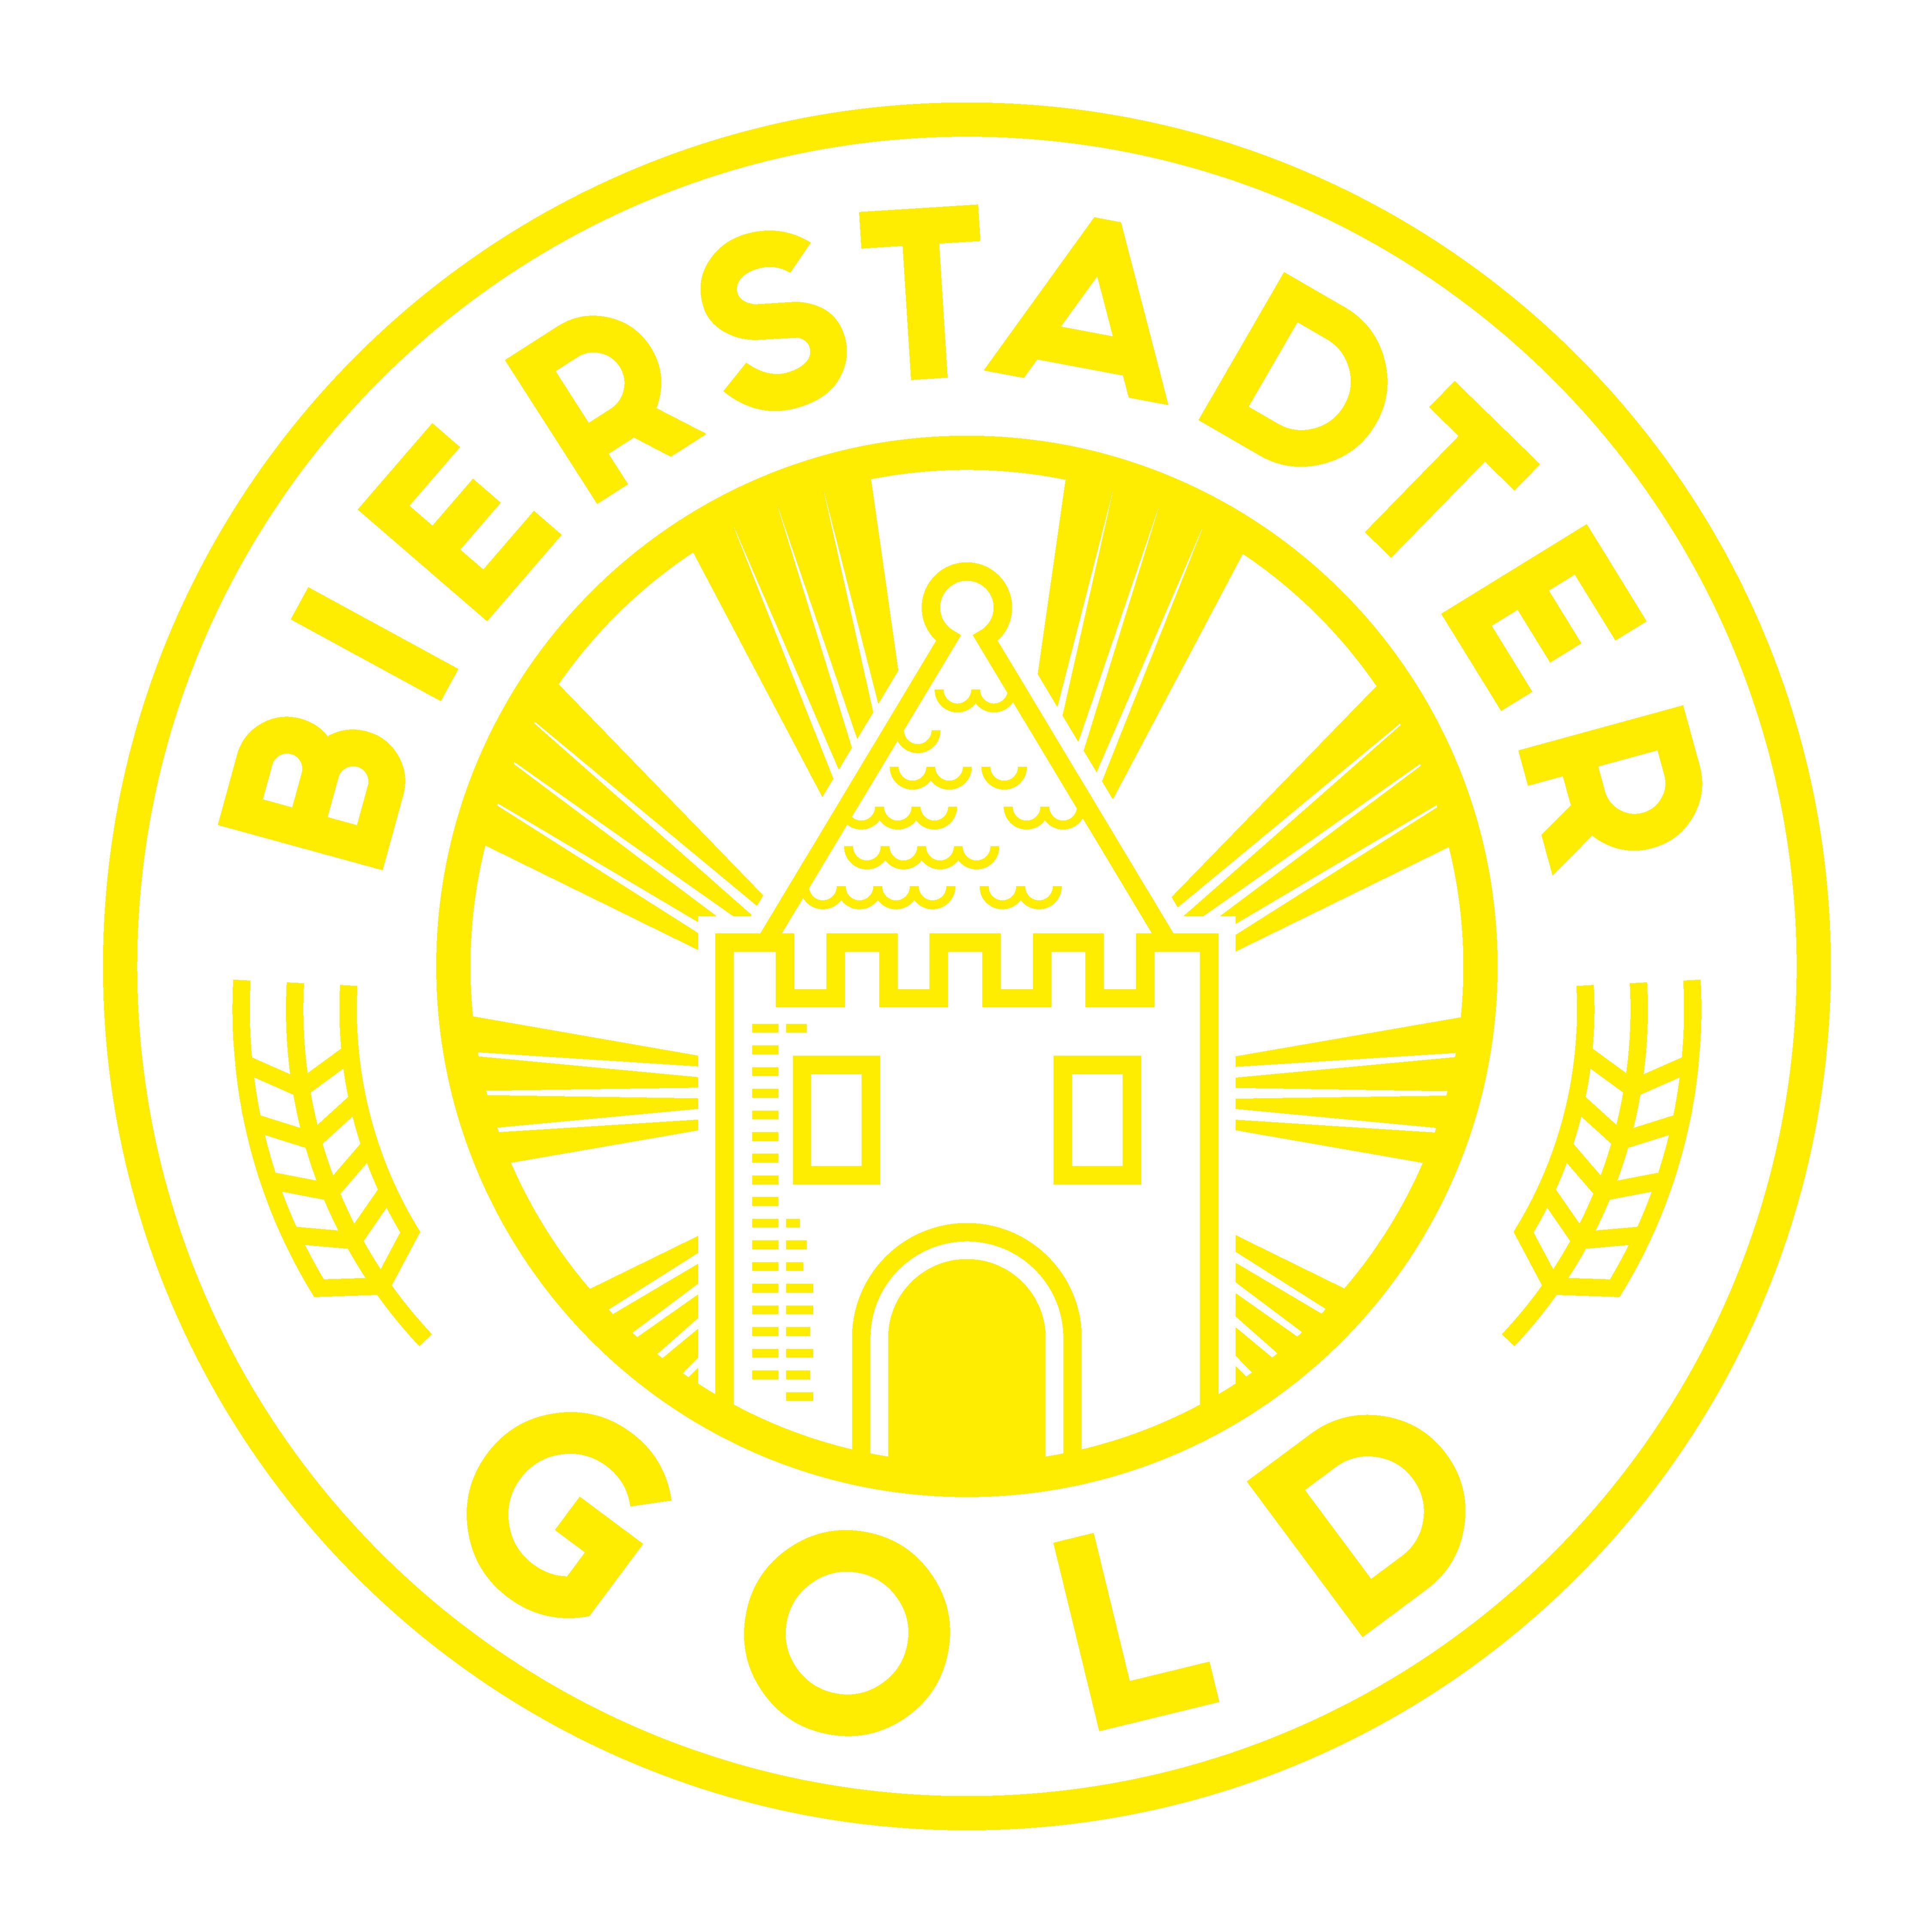 Bierstadter Gold